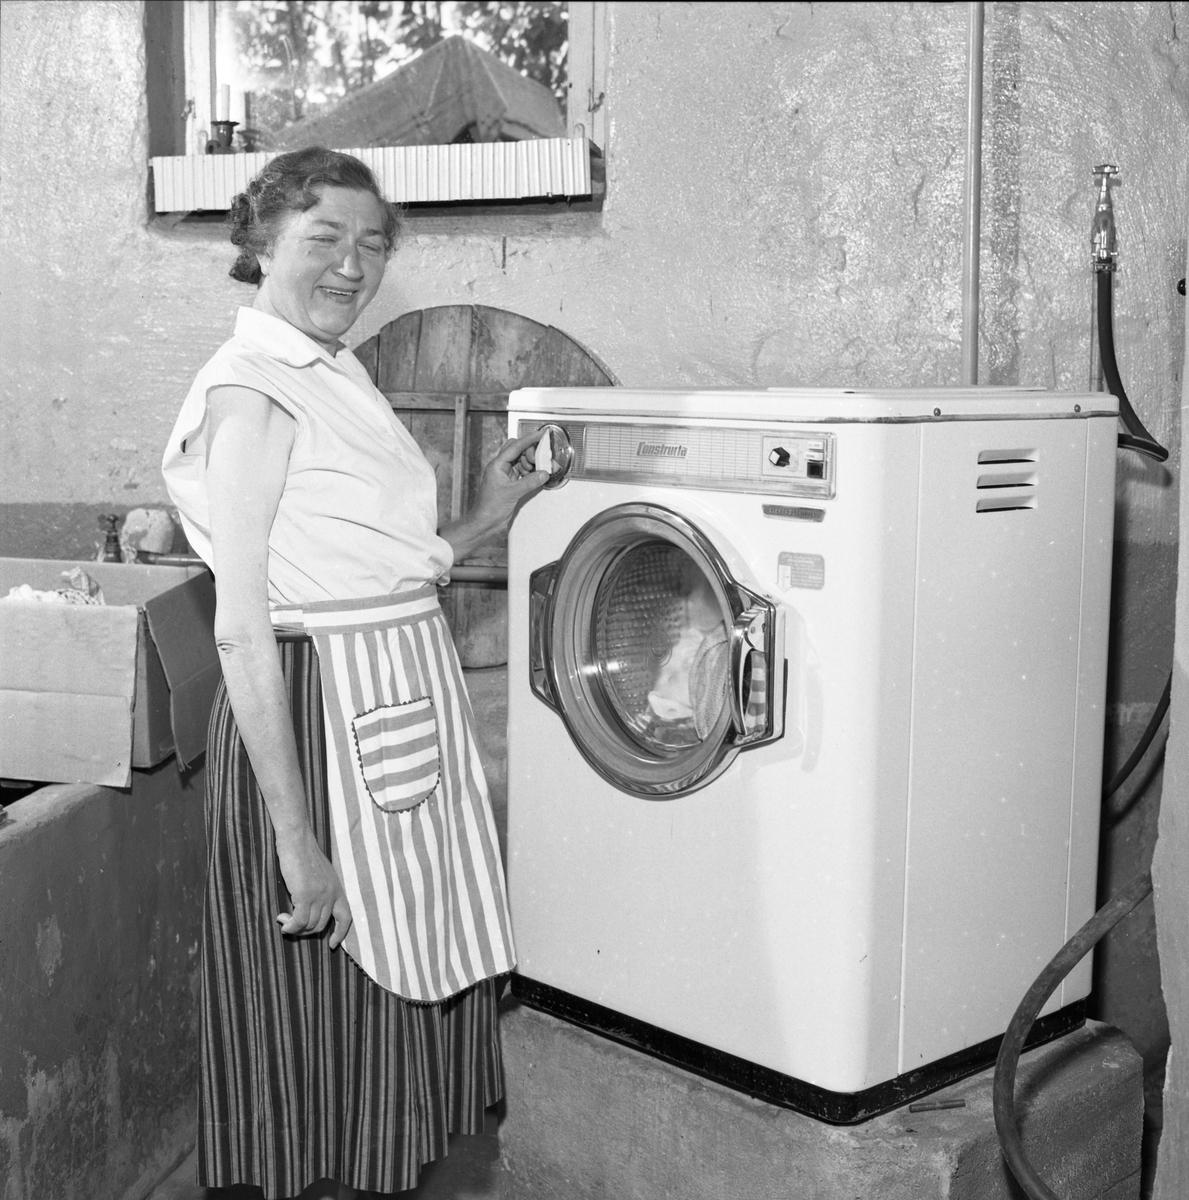 Fru Blomberg (hustru till Jakob Blomberg på Arboga Mekaniska Verkstad) visar en tvättmaskin. Kvinna, iklädd förkläde, står i källaren intill en ny tvättmaskin. AMV